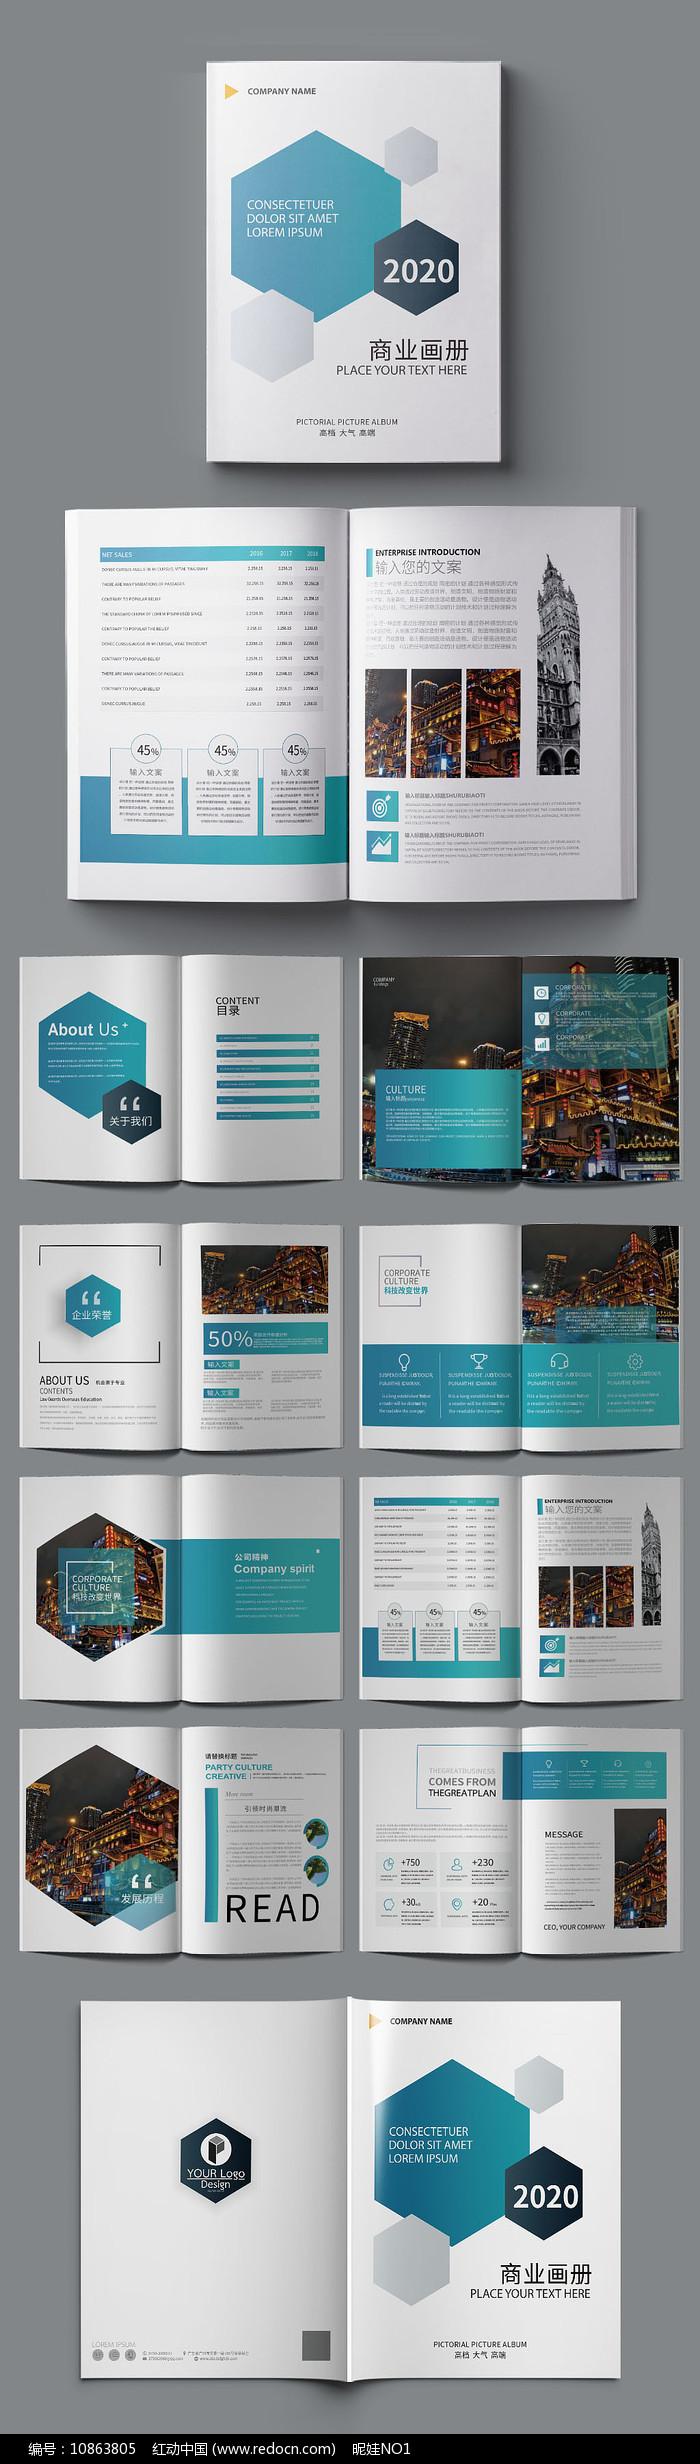 美式商企业画册(自拍图)图片